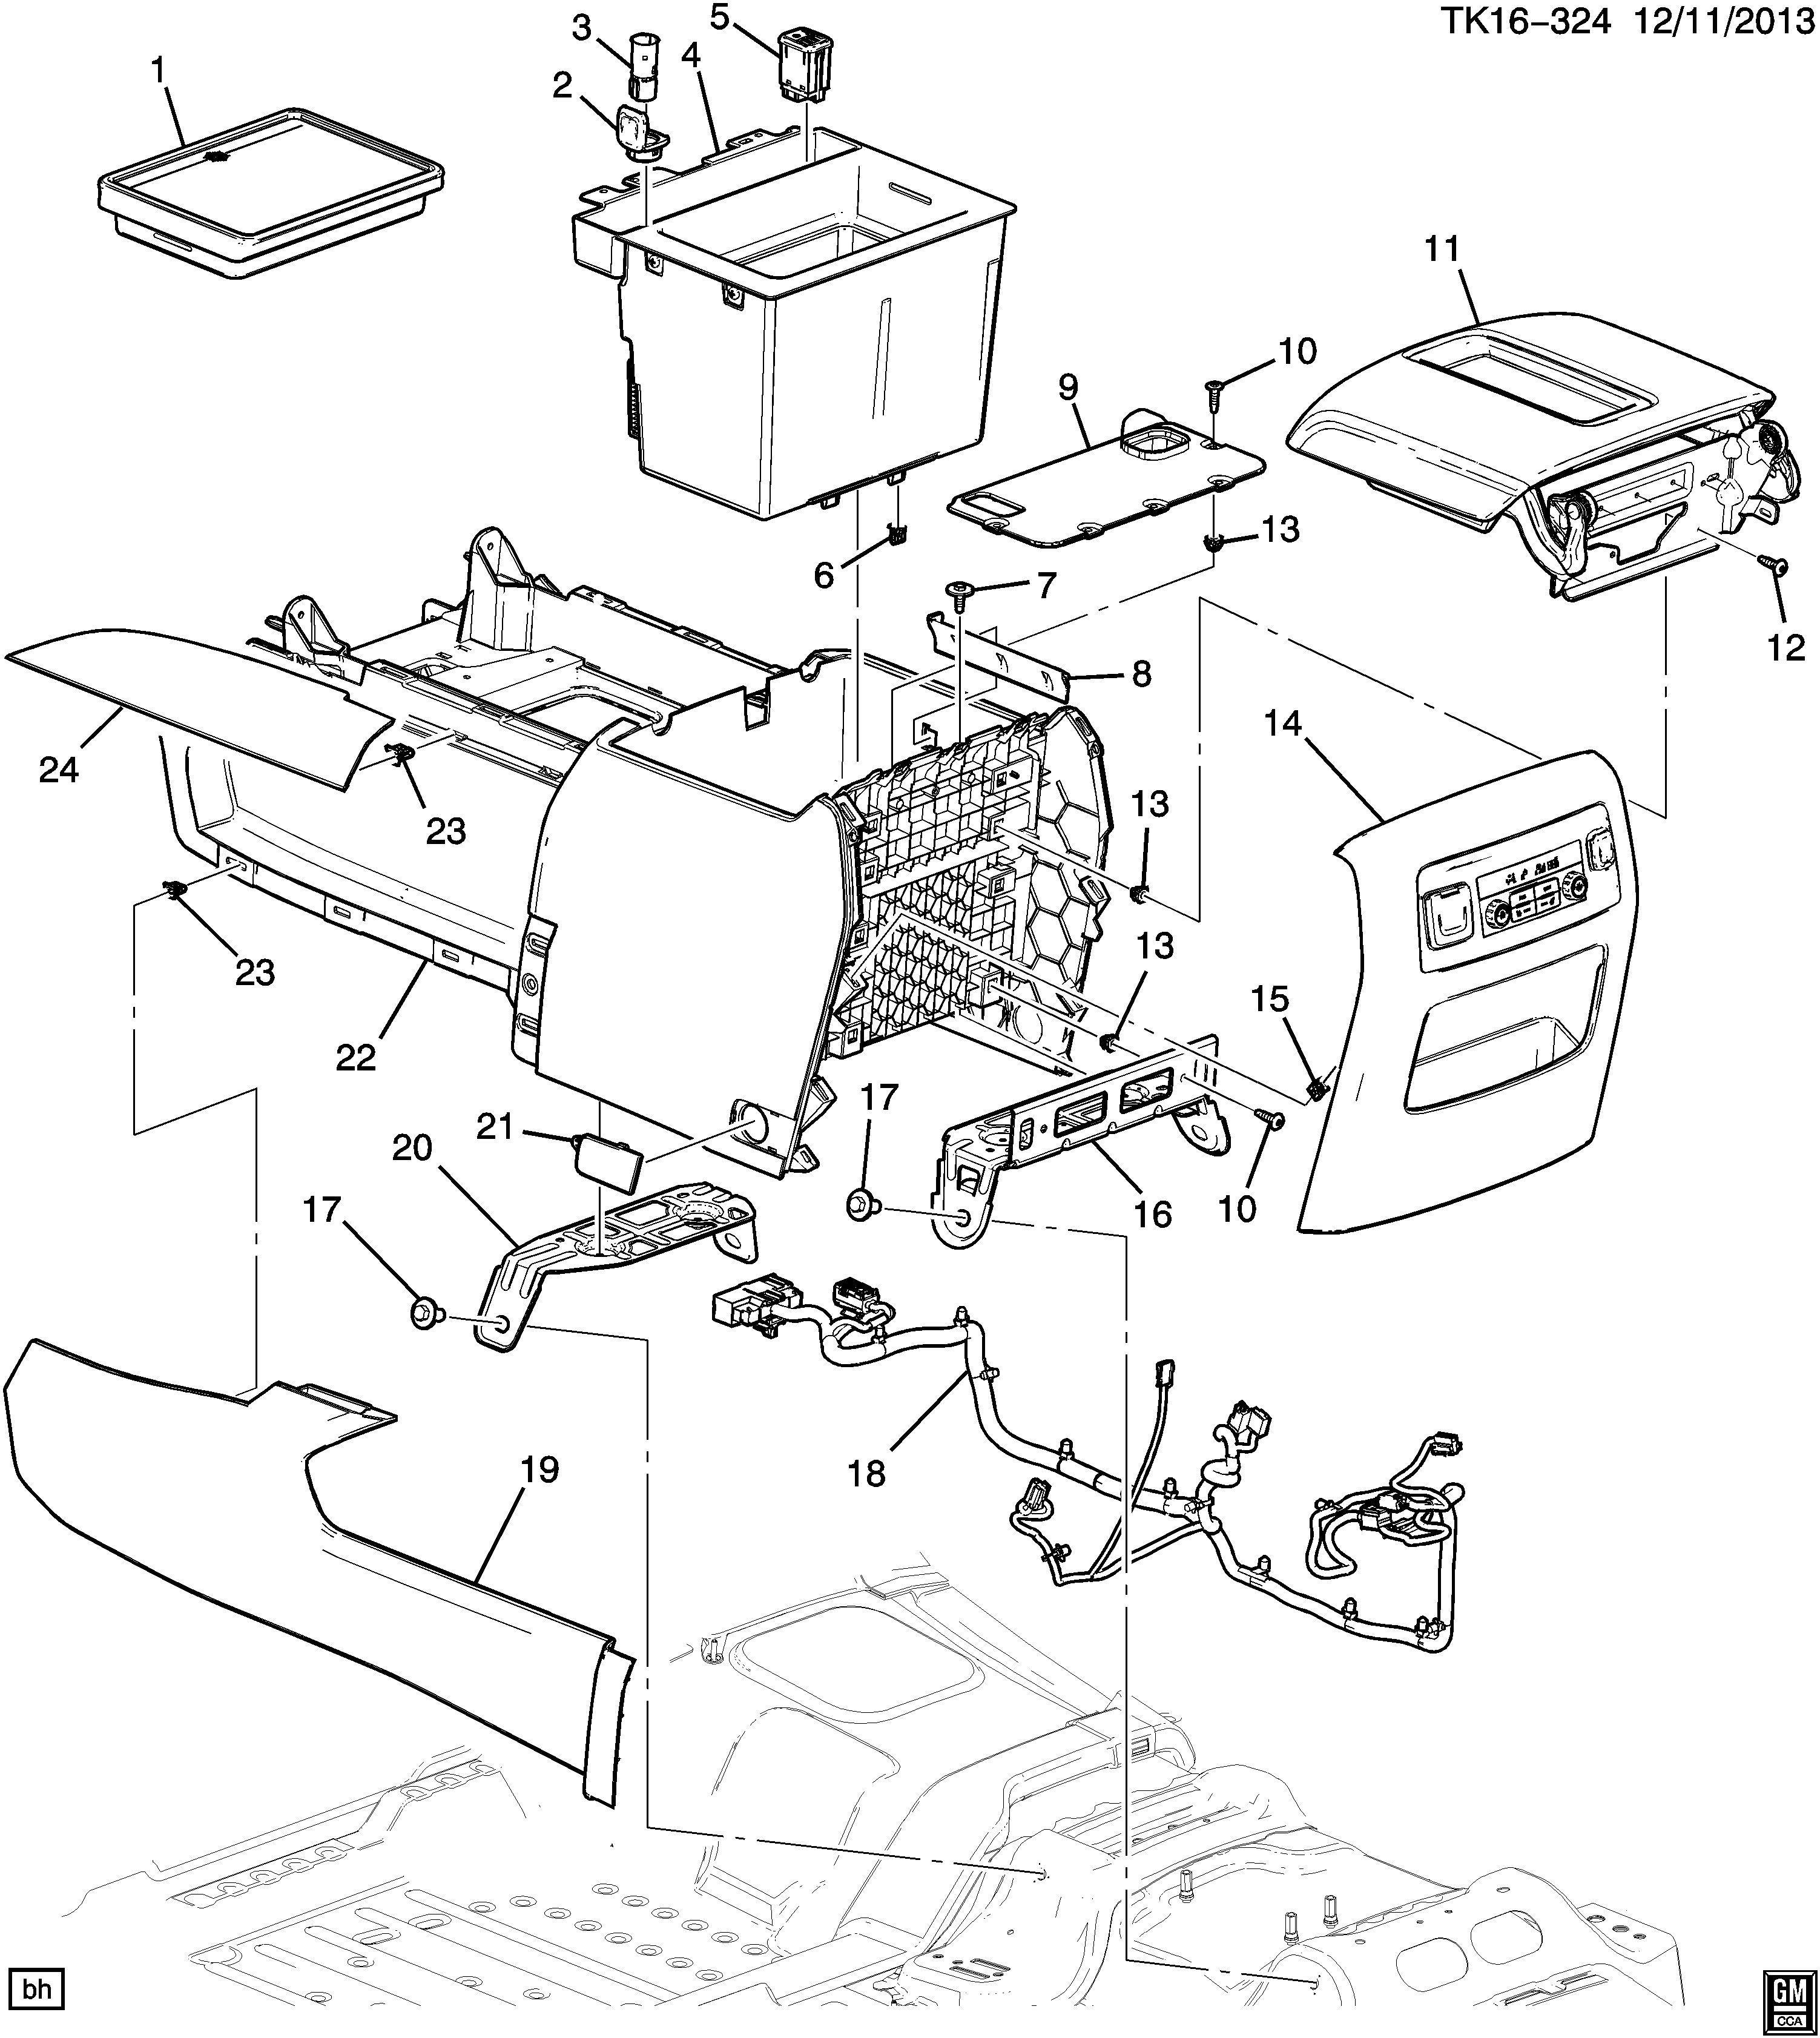 Chevrolet Silverado Console Floor Part 2 Lower